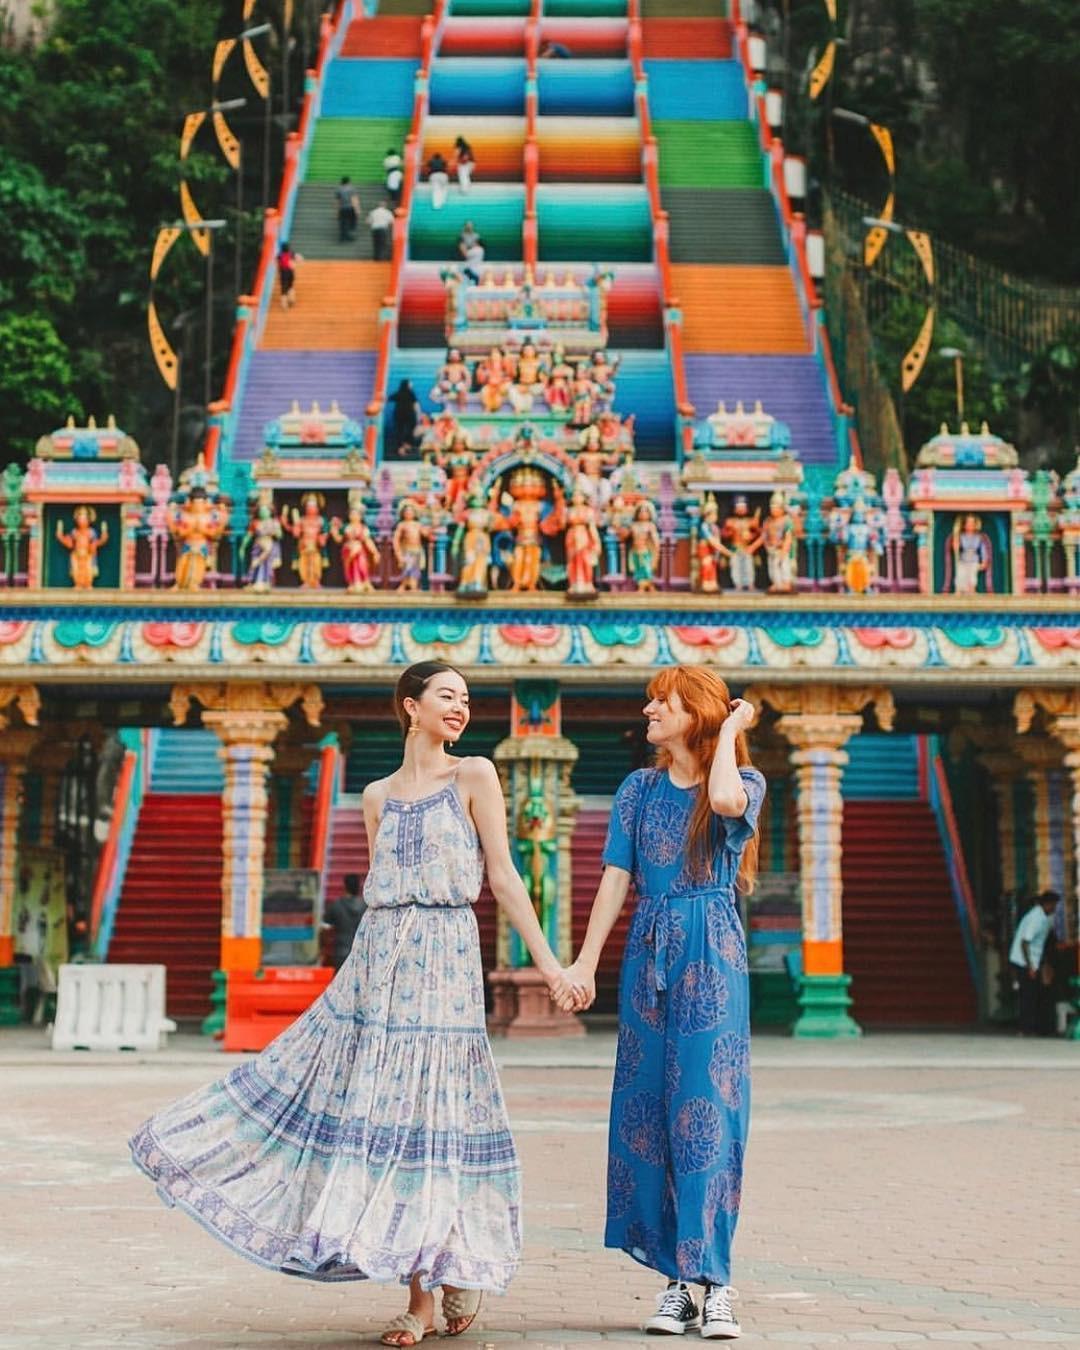 VZN News: Nữ travel blogger chia sẻ bí kíp sống ảo tại động Batu nổi tiếng để lúc đi vắng người, khi về thì hốt trọn ảnh xinh - Ảnh 4.